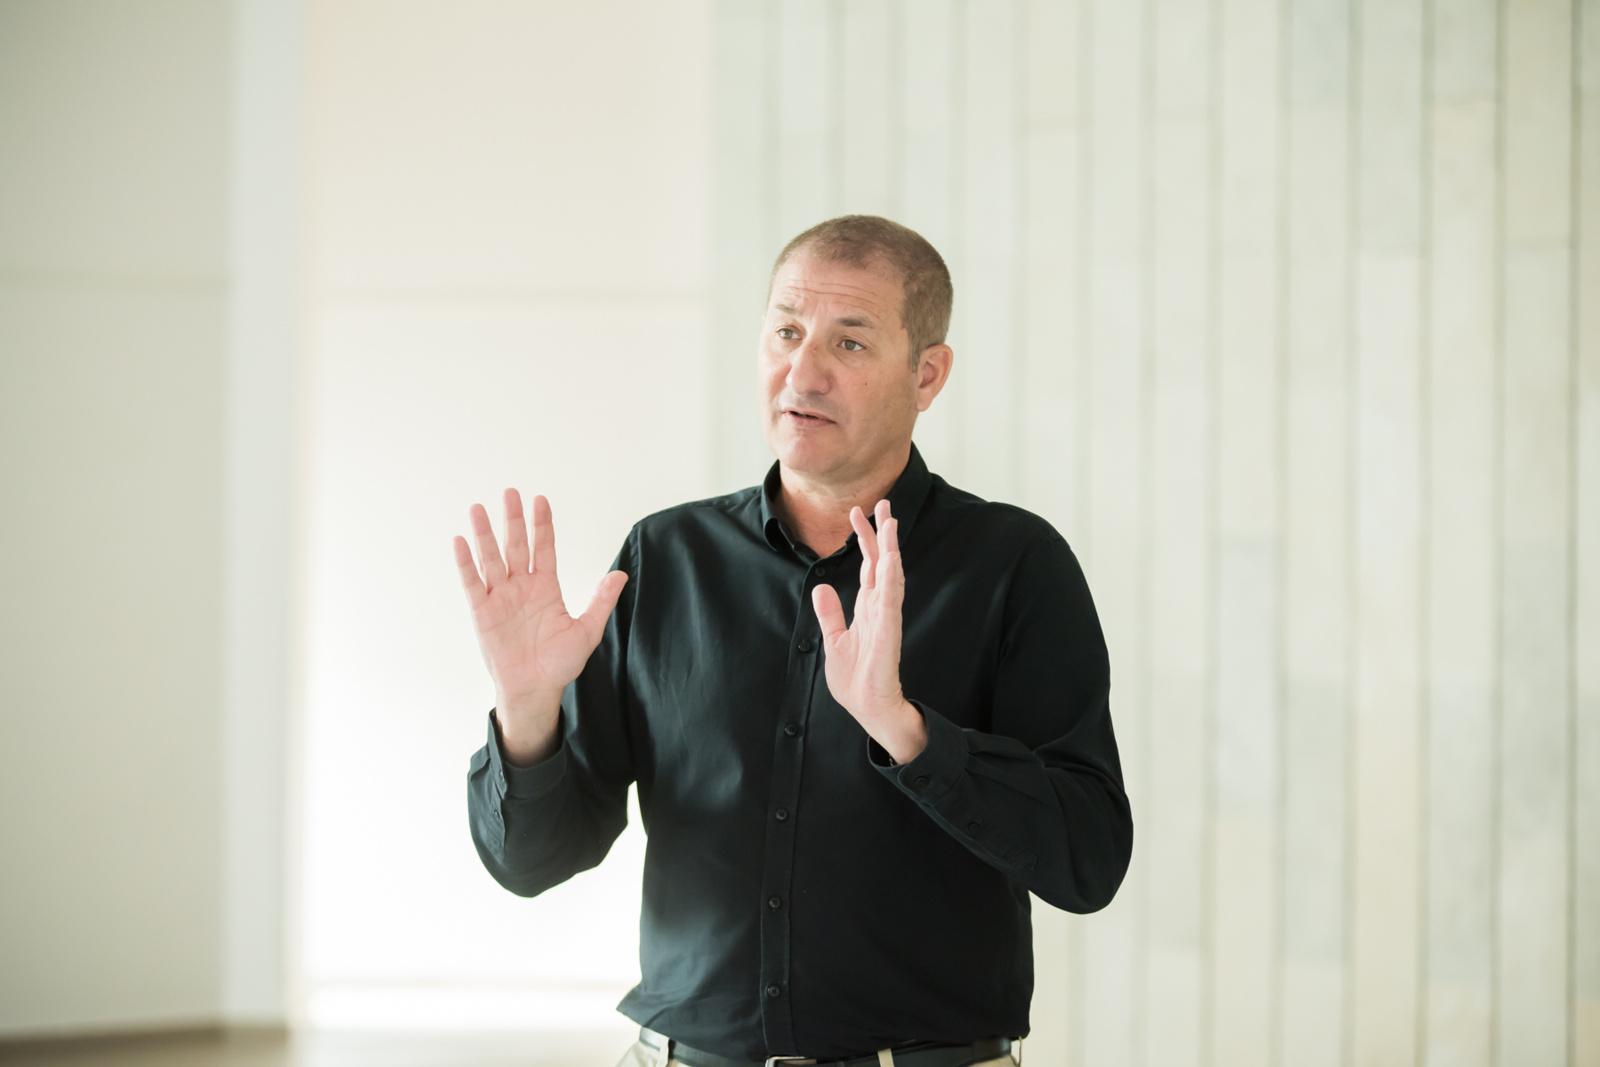 Verslininkai kviečiami konsultuotis: pasaulinio lygio ekspertas viešės Šiauliuose